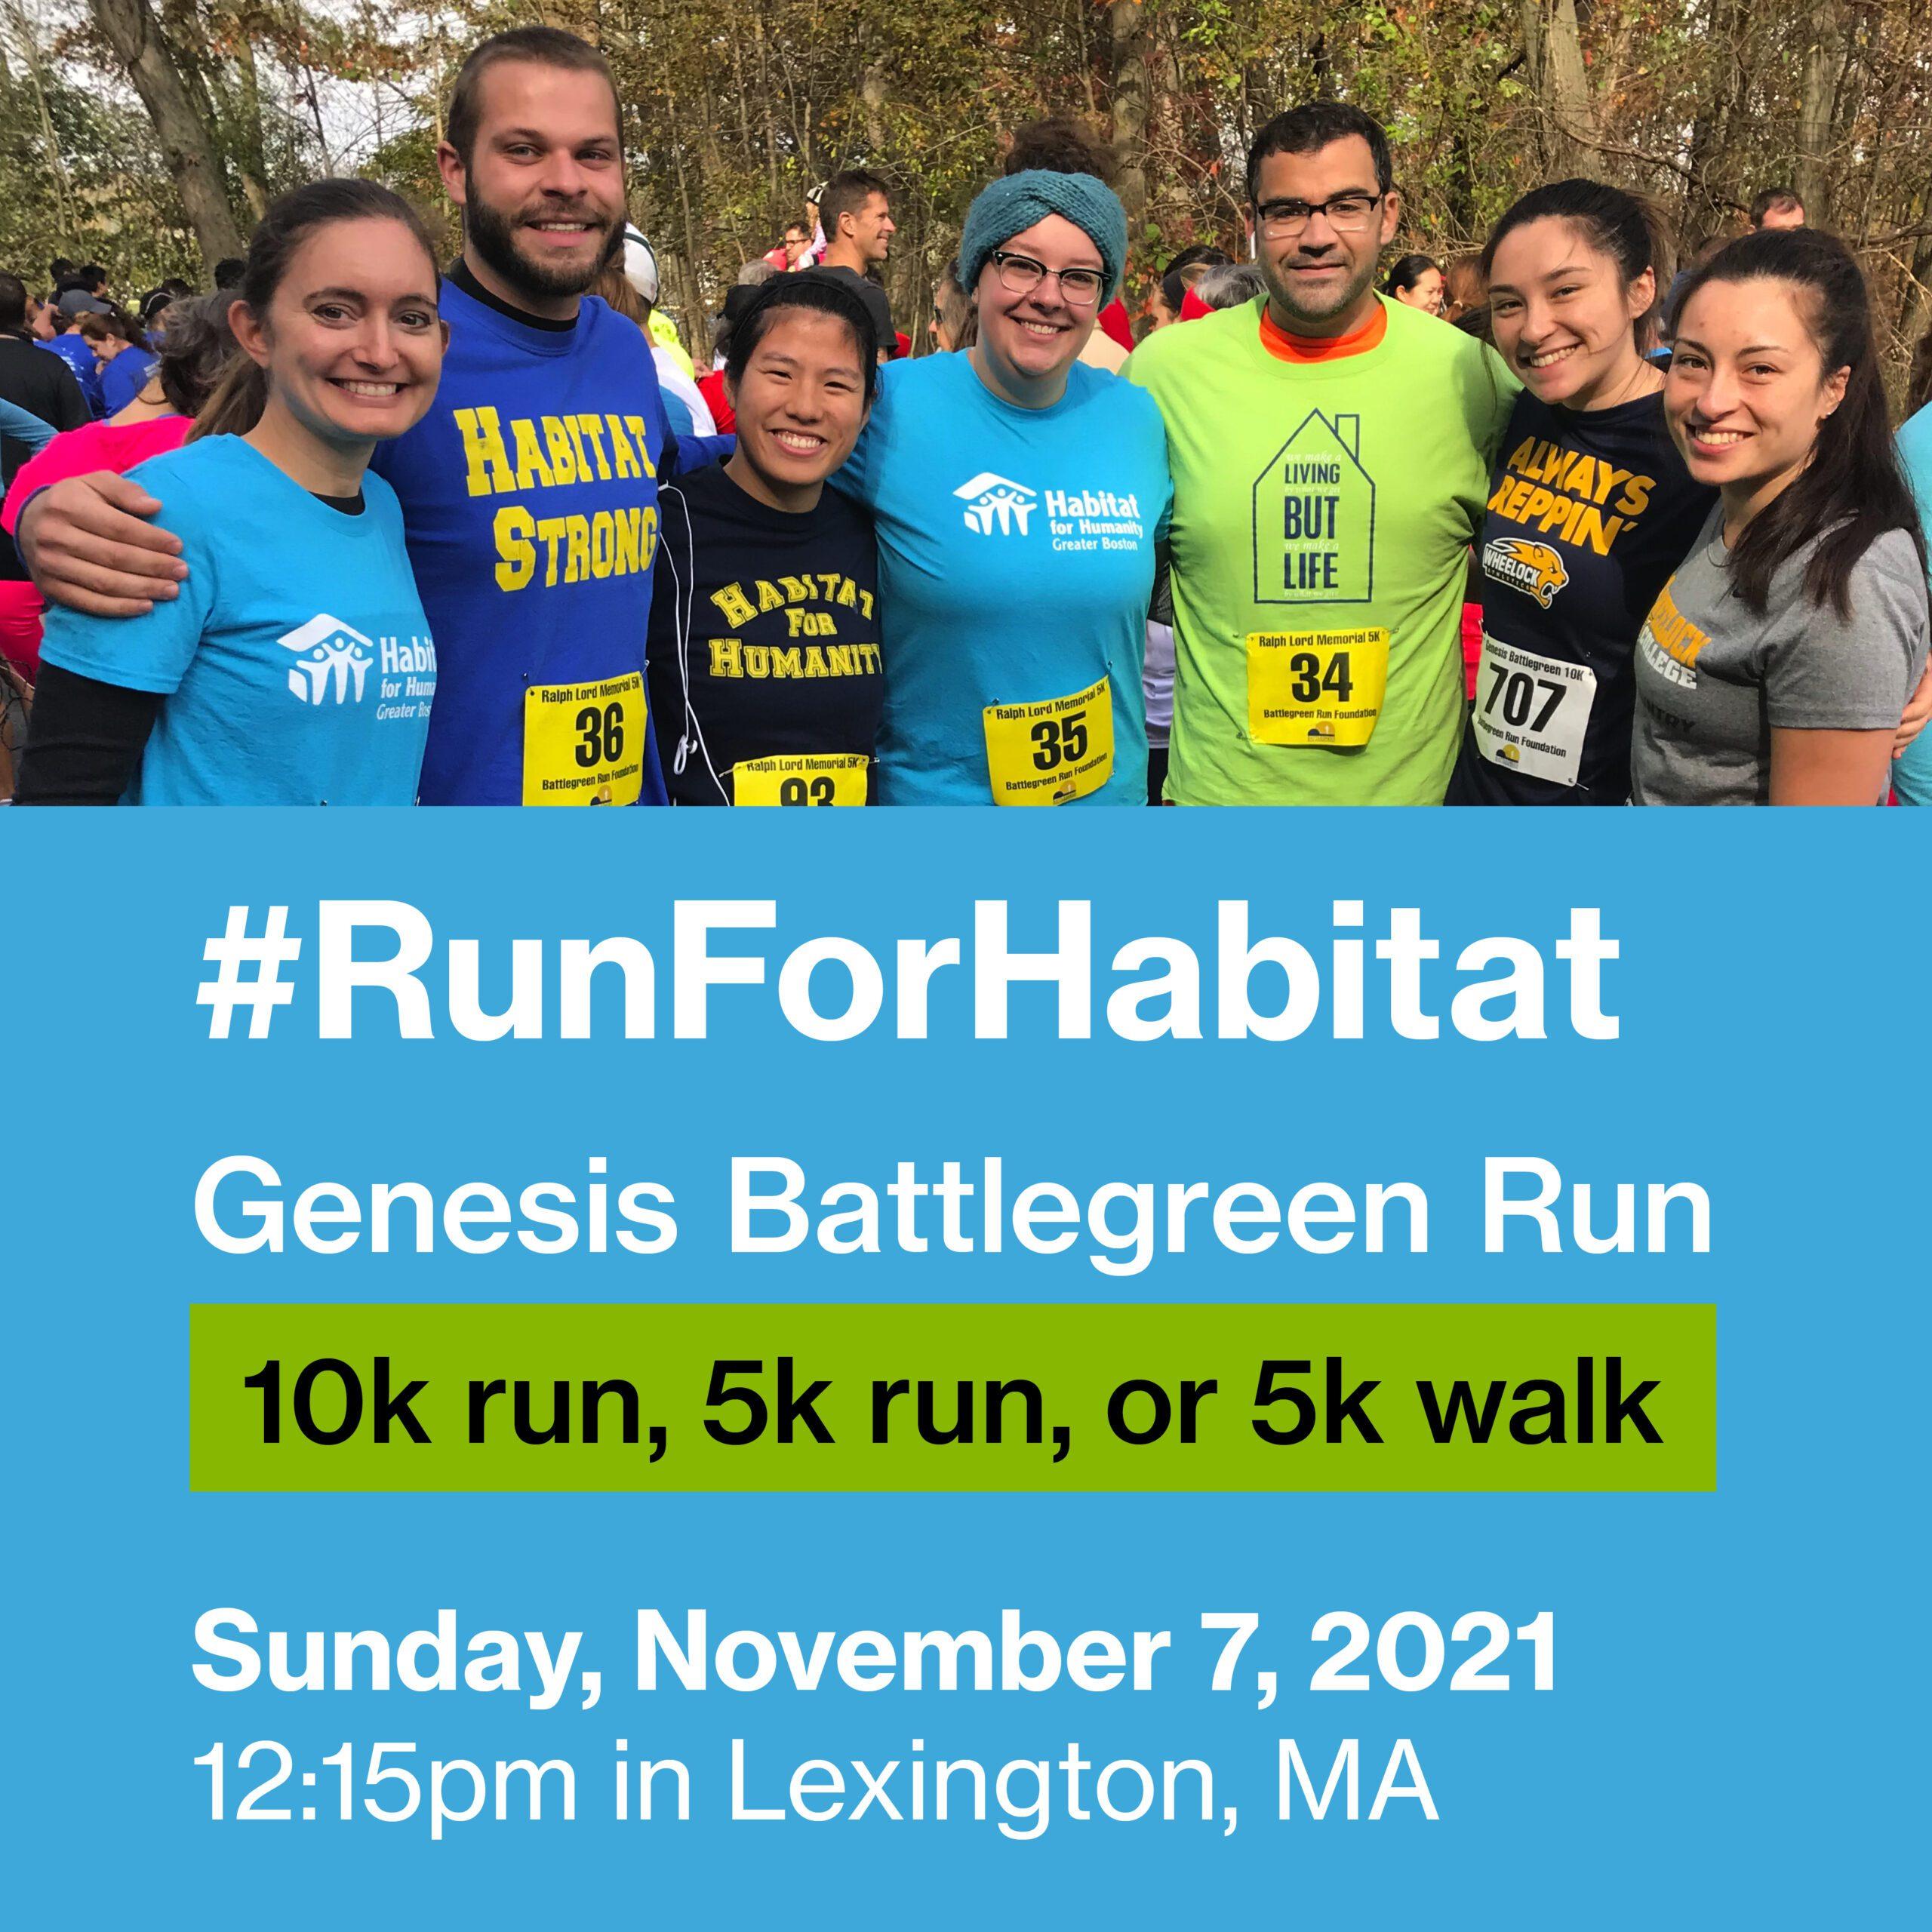 Run For Habitat 2021 Battlegreen Run